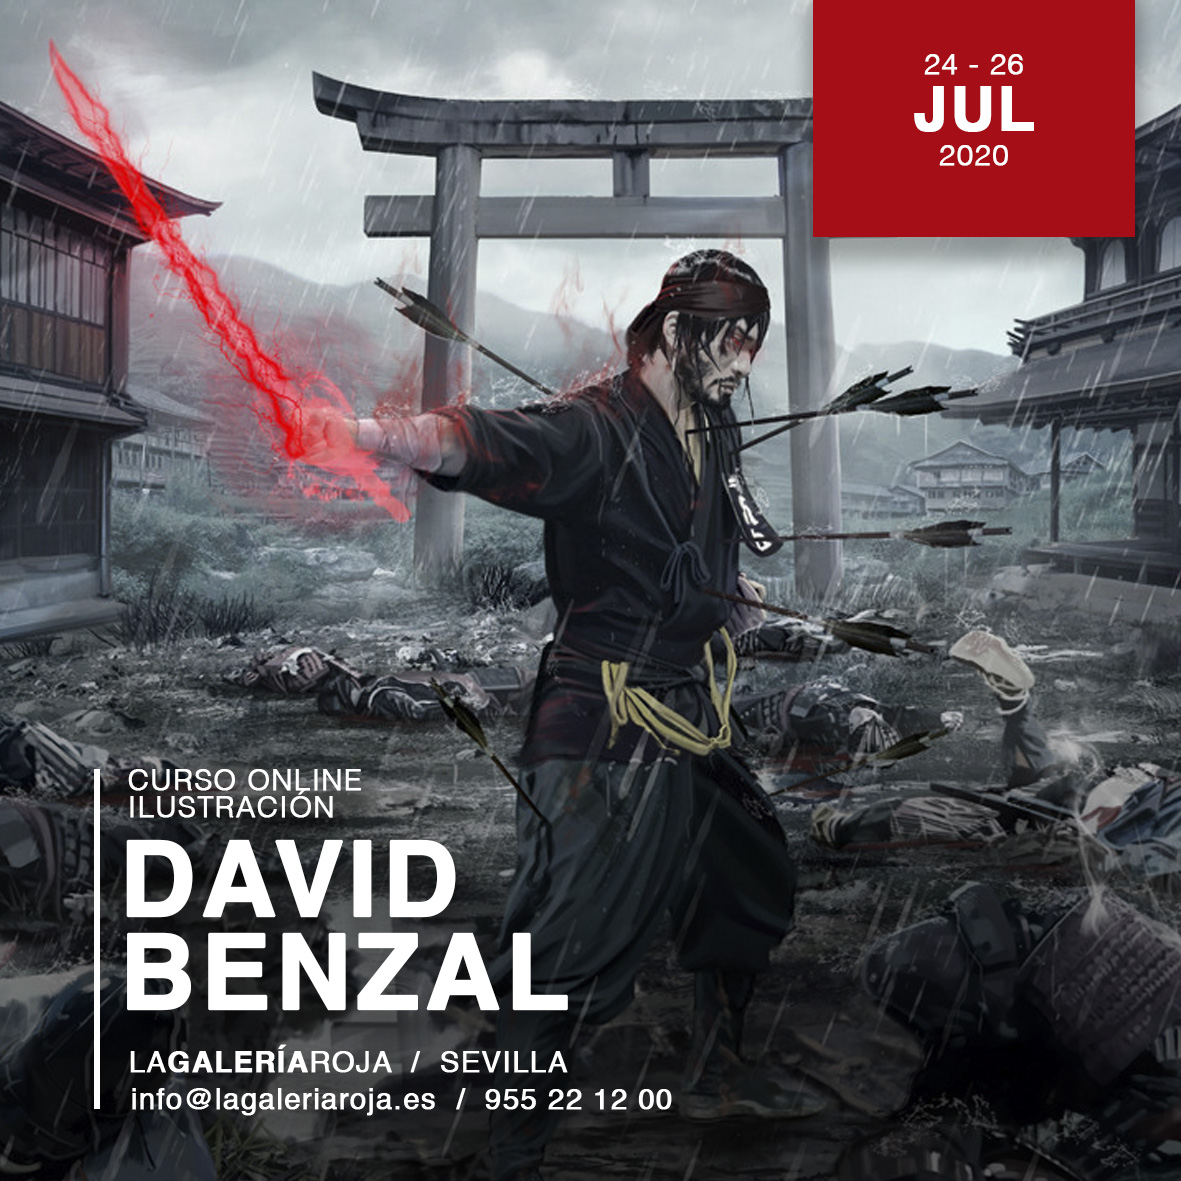 DAVID BENZAL